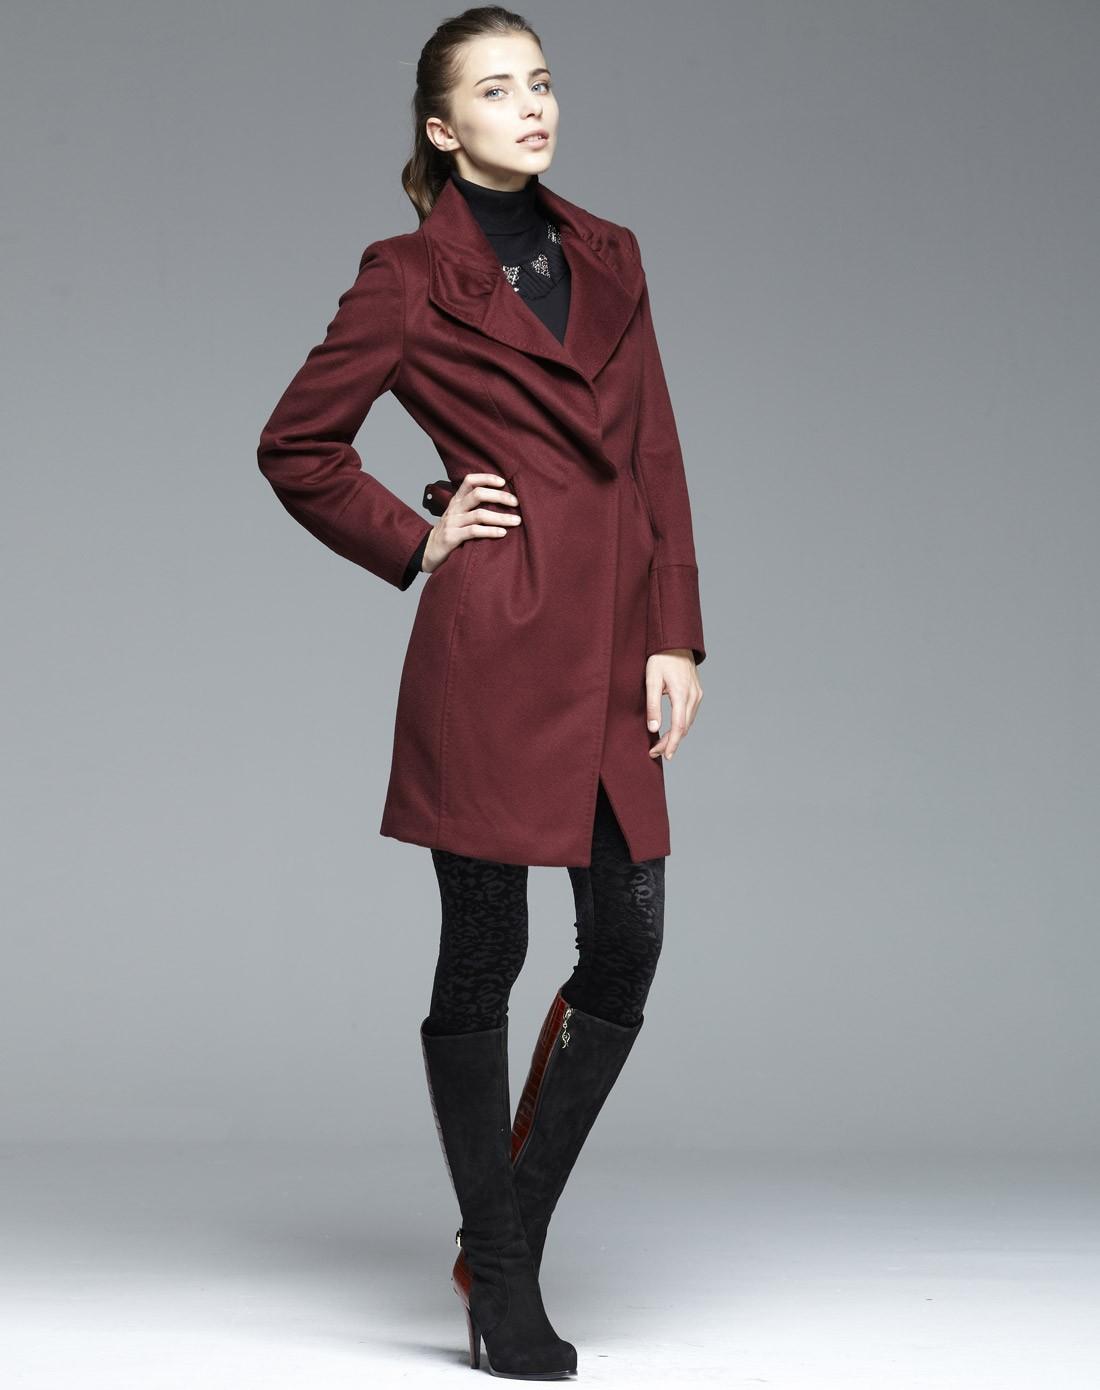 鞋子与服装的搭配_玫红大衣怎么搭配,我比较胖,肤色偏白,但是穿深色衣服却不 ...